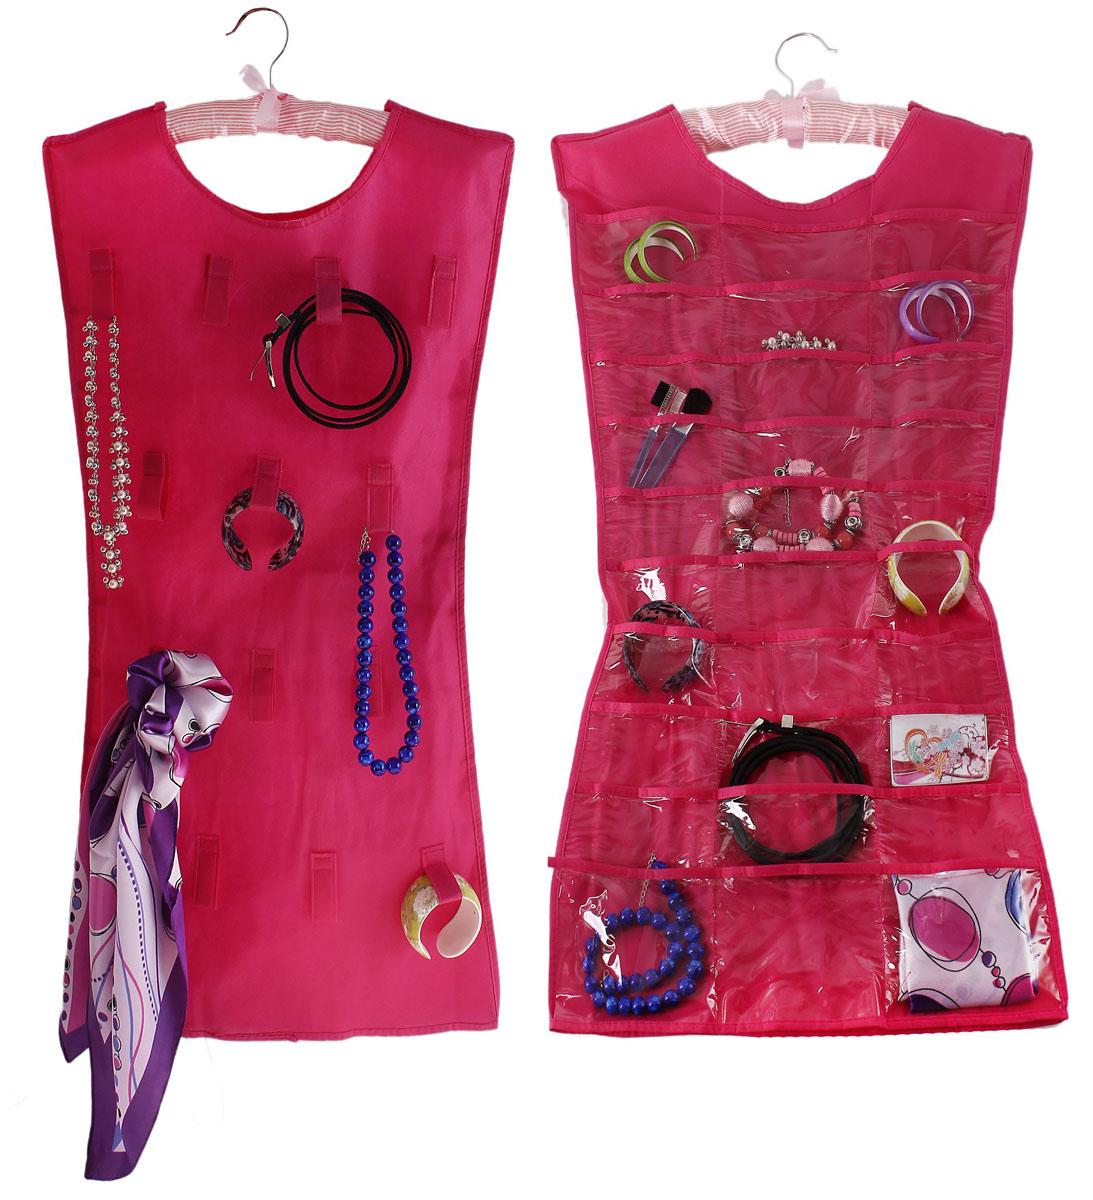 Органайзер для хранения бижутерии Sima-land, цвет: розовый, 30 отделений12723Оригинальный органайзер Sima-land, изготовленный из текстиля и ПВХ, предназначен для удобного и компактного хранения бижутерии и других различных украшений. Изделие представляет собой платье, которое можно вешать на вешалку в необходимом для вас месте. Платье с одной стороны оснащено 30 прозрачными карманами, с другой стороны - 14 текстильными петельками.Этот нужный предмет может стать одновременно и декоративным элементом комнаты.